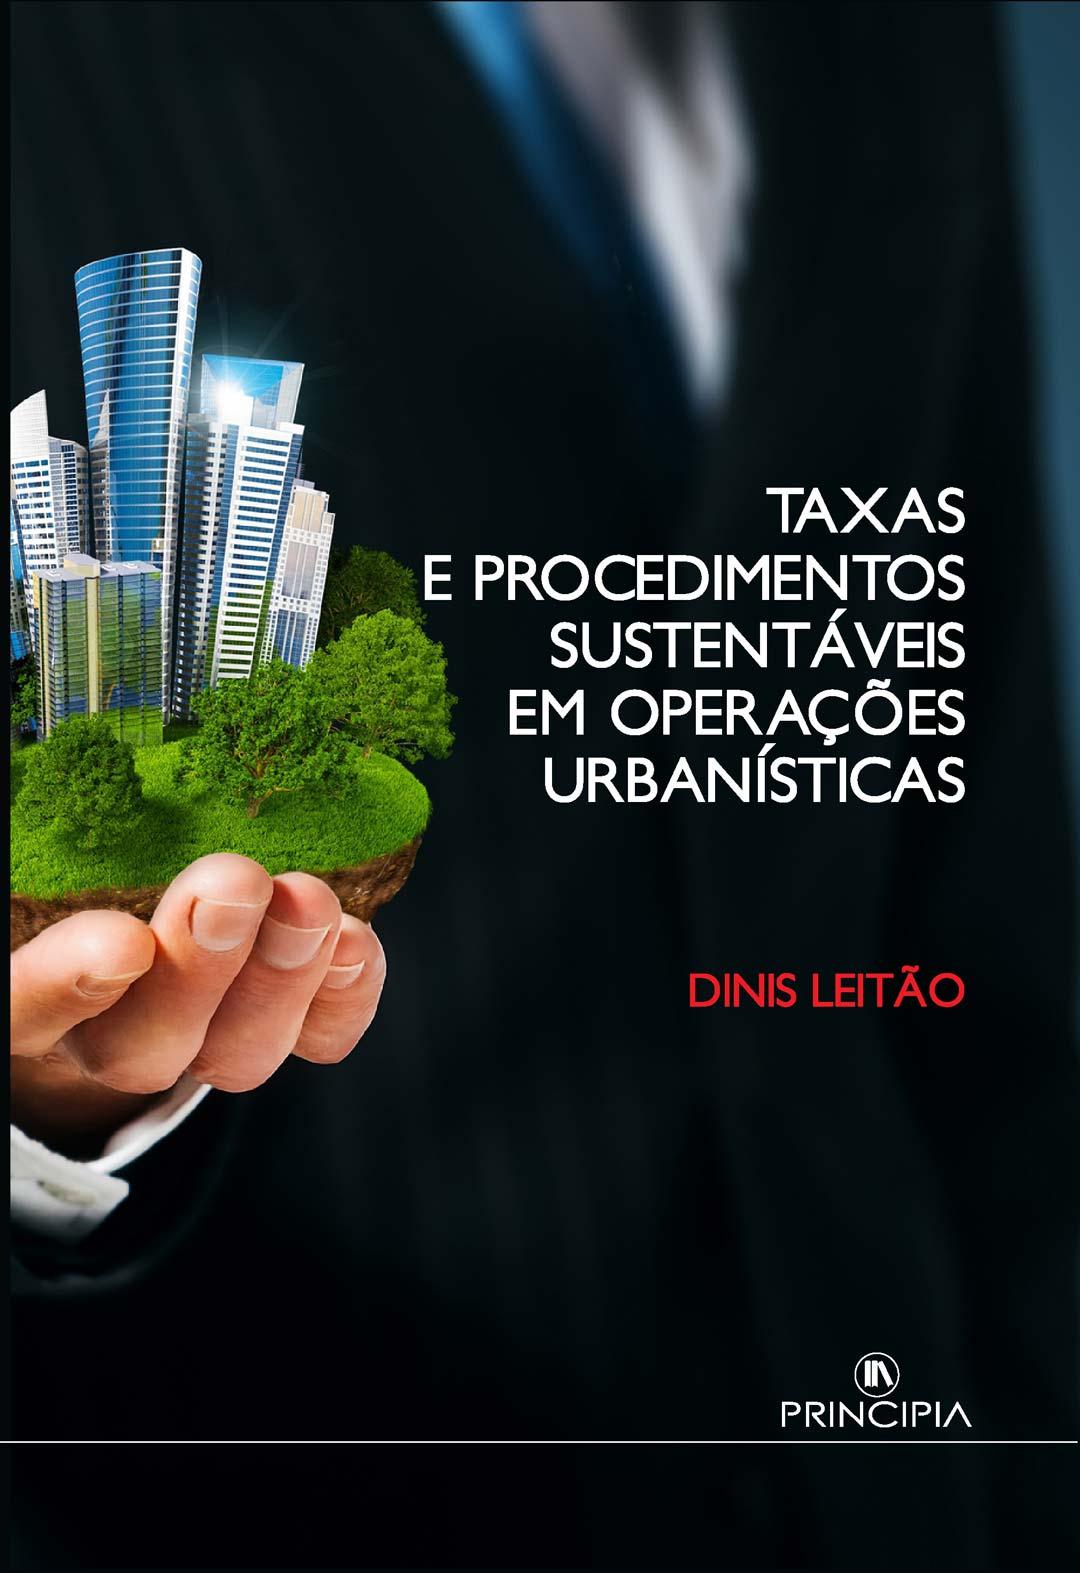 Taxas e Procedimentos Sustentáveis em Operações Urbanísticas - OUTLET